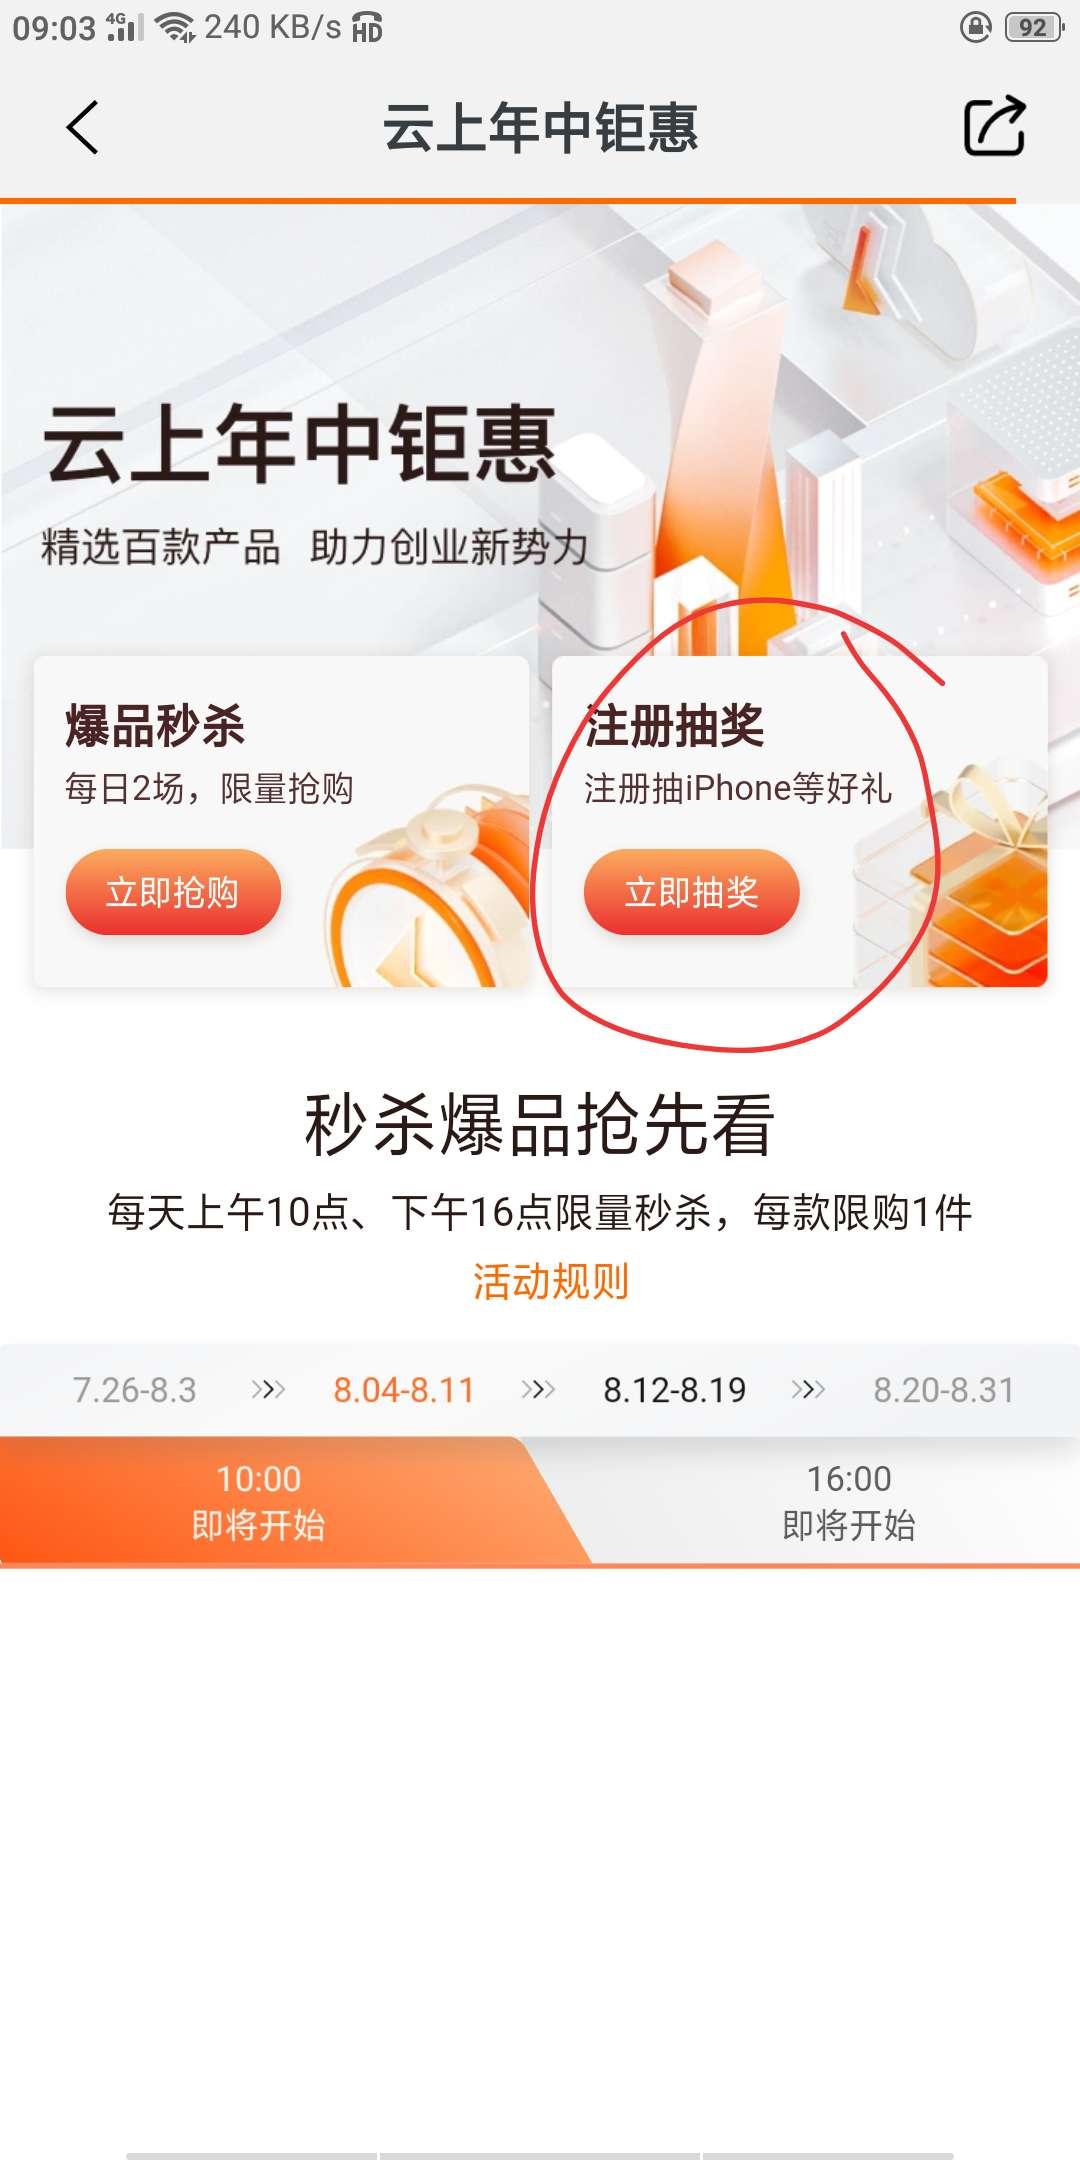 【物件会员专区】阿里云服务器会员注册抽奖活动(还可以并不是新用户)插图3